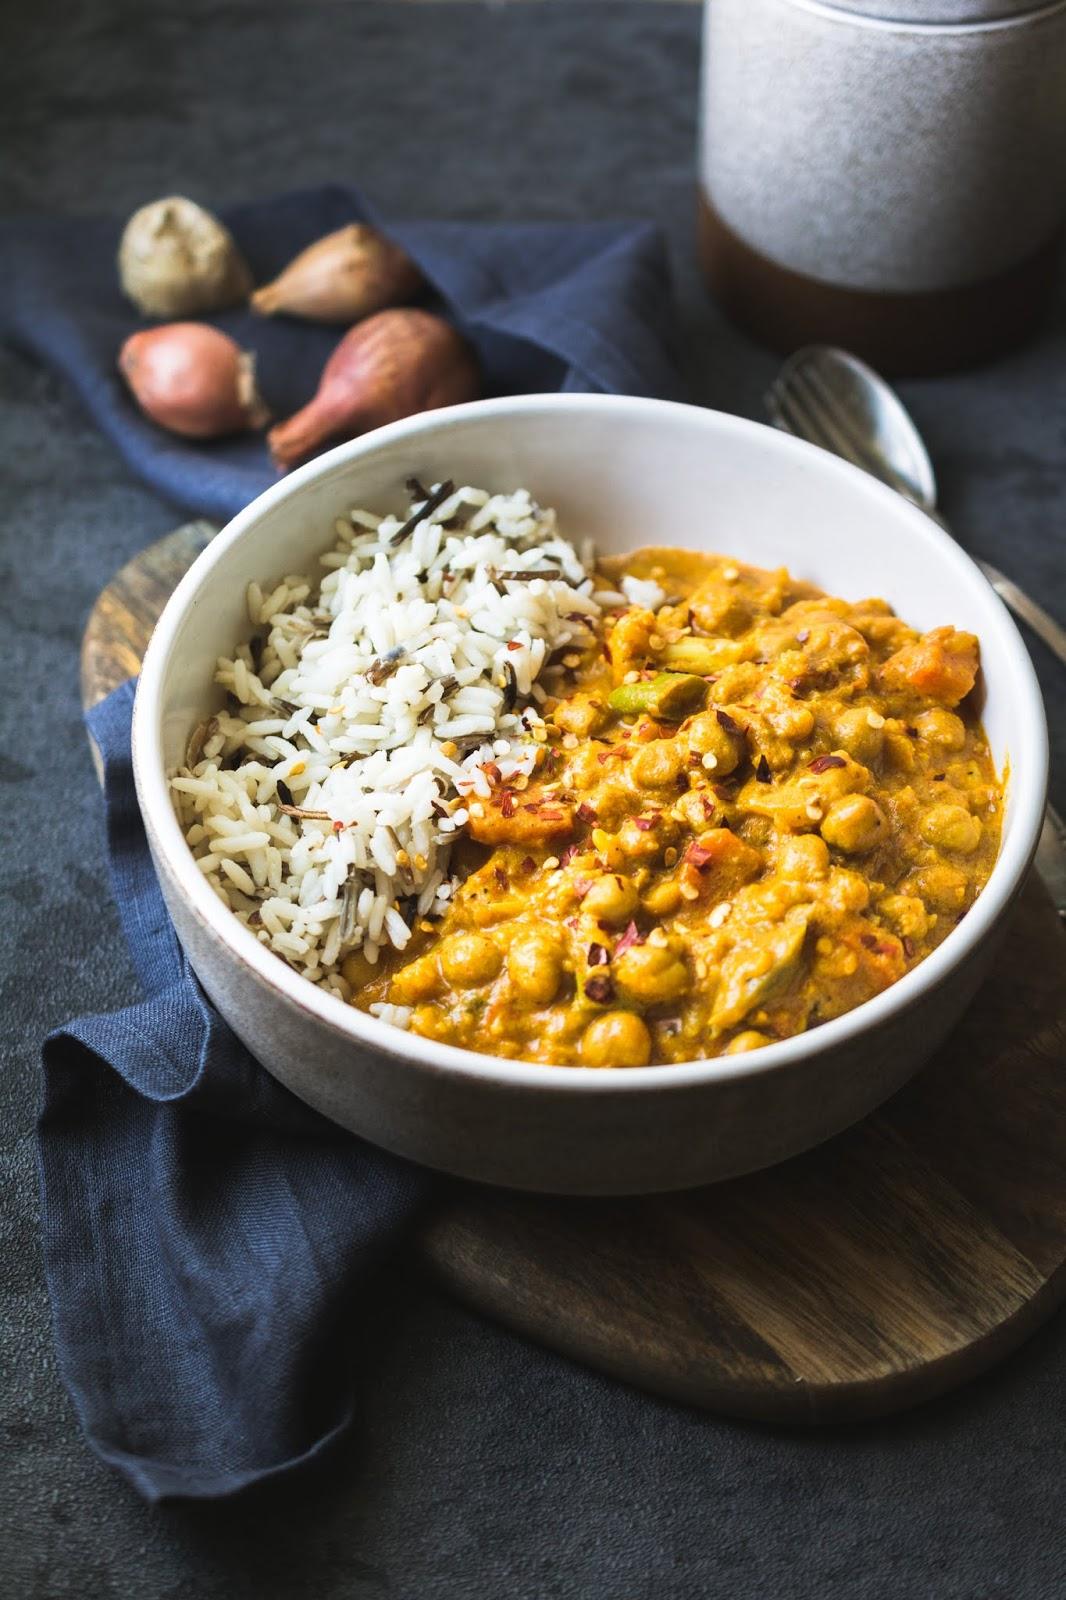 Rezeüt für scharfes Blumenkohl-Curry mit Kichererbsen und Kokosmilch